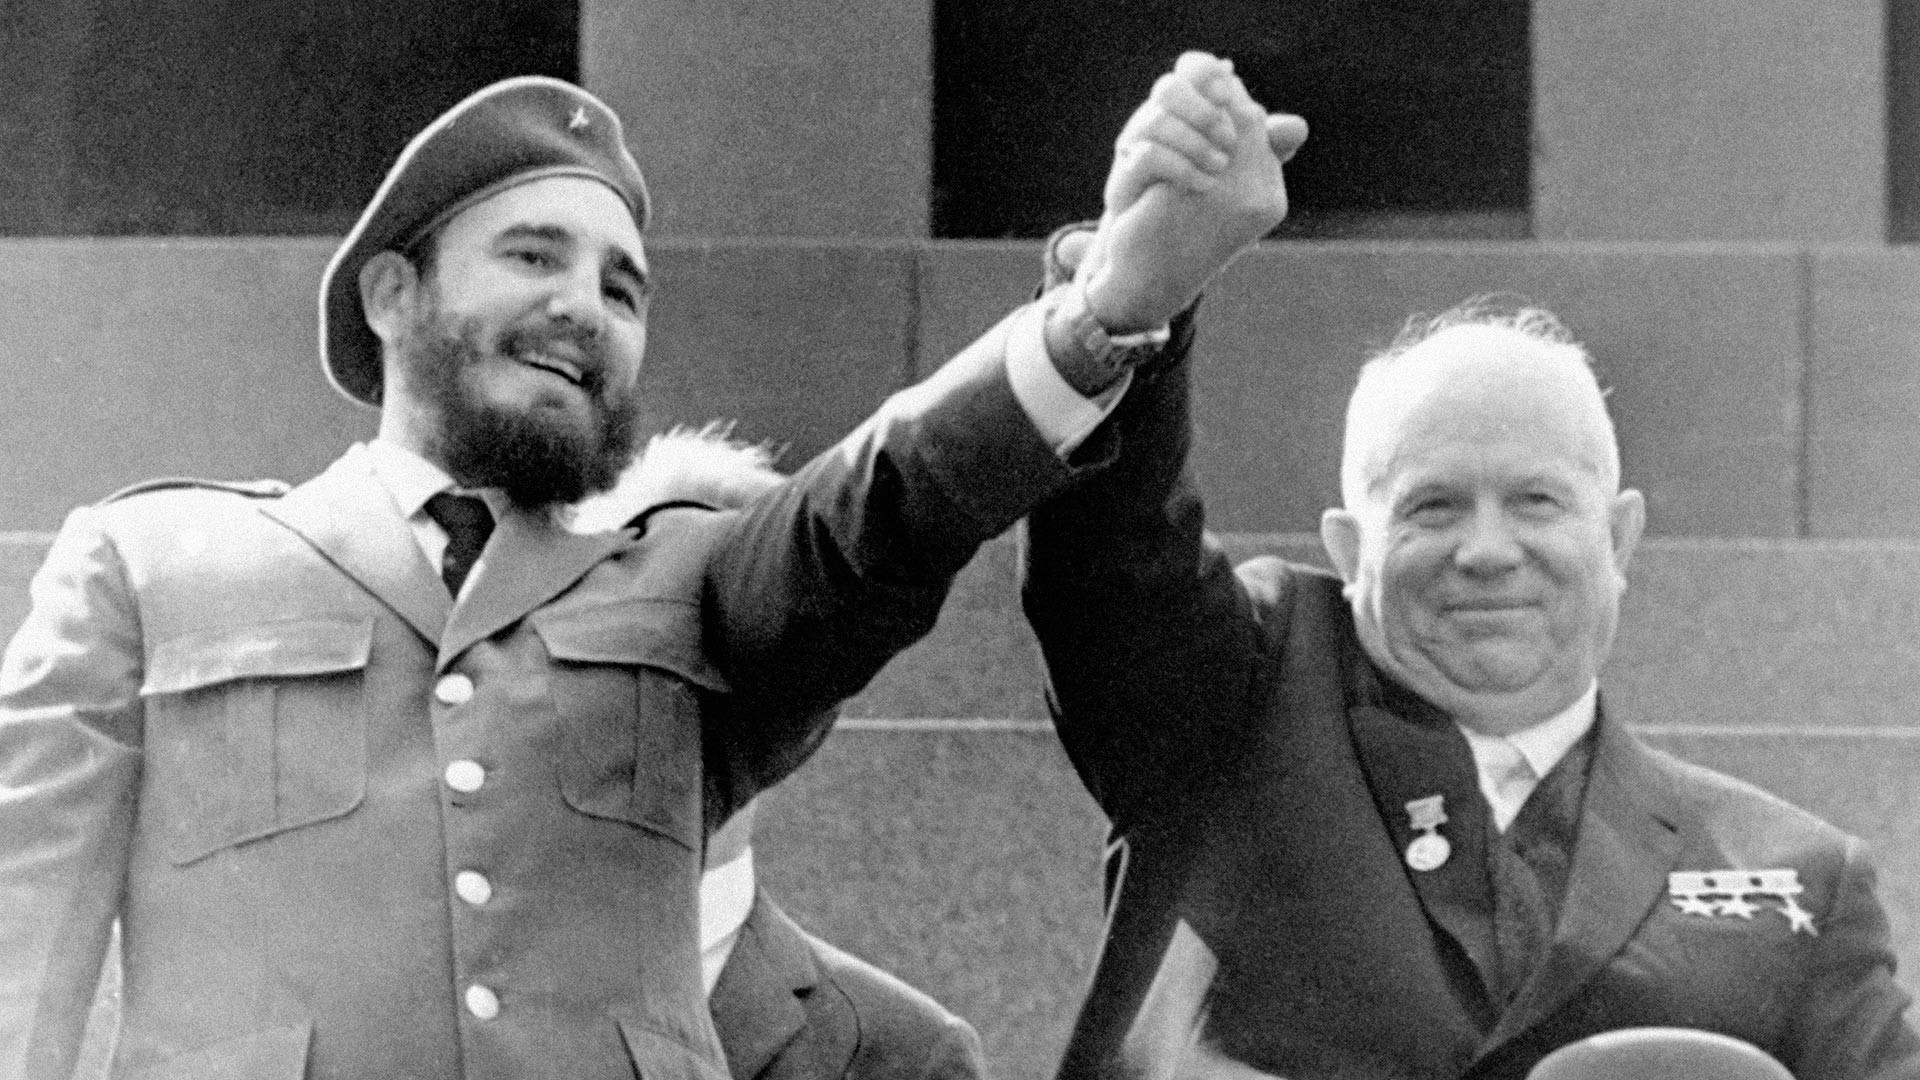 Il était si heureux de voir Fidel à Moscou qu'il l'a même invité au sommet du mausolée de Lénine - un honneur rare.